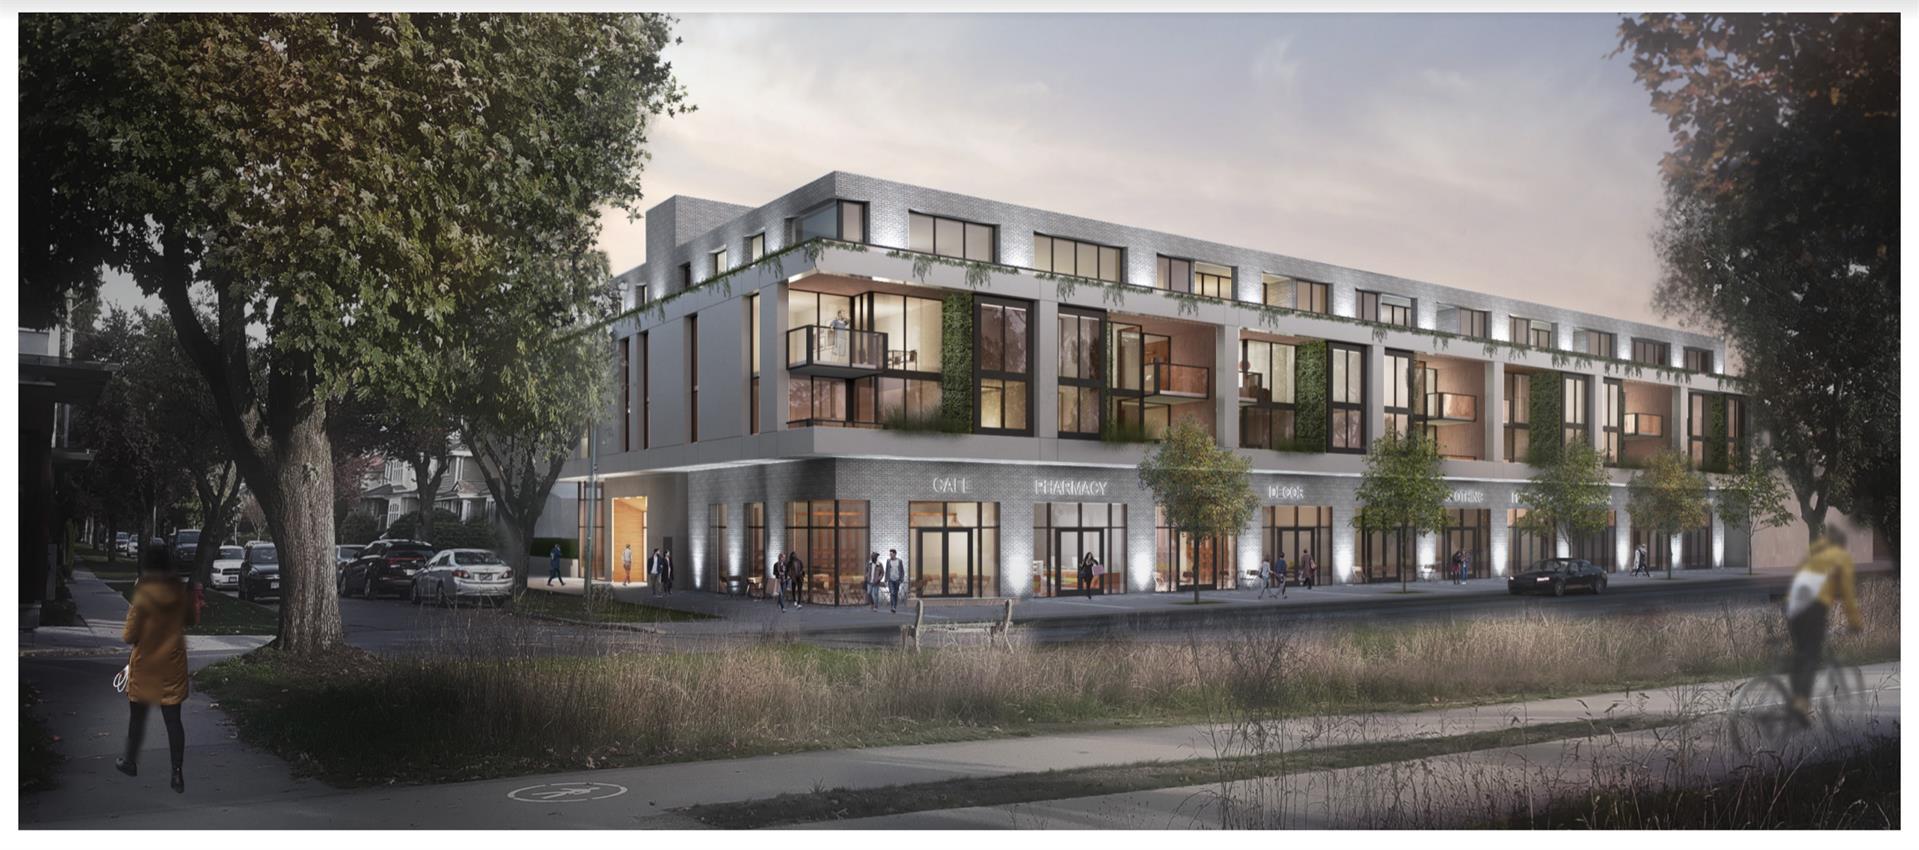 6020 East Boulevard Kenstone Properties In Vancouver Presale Condo Coming Soon